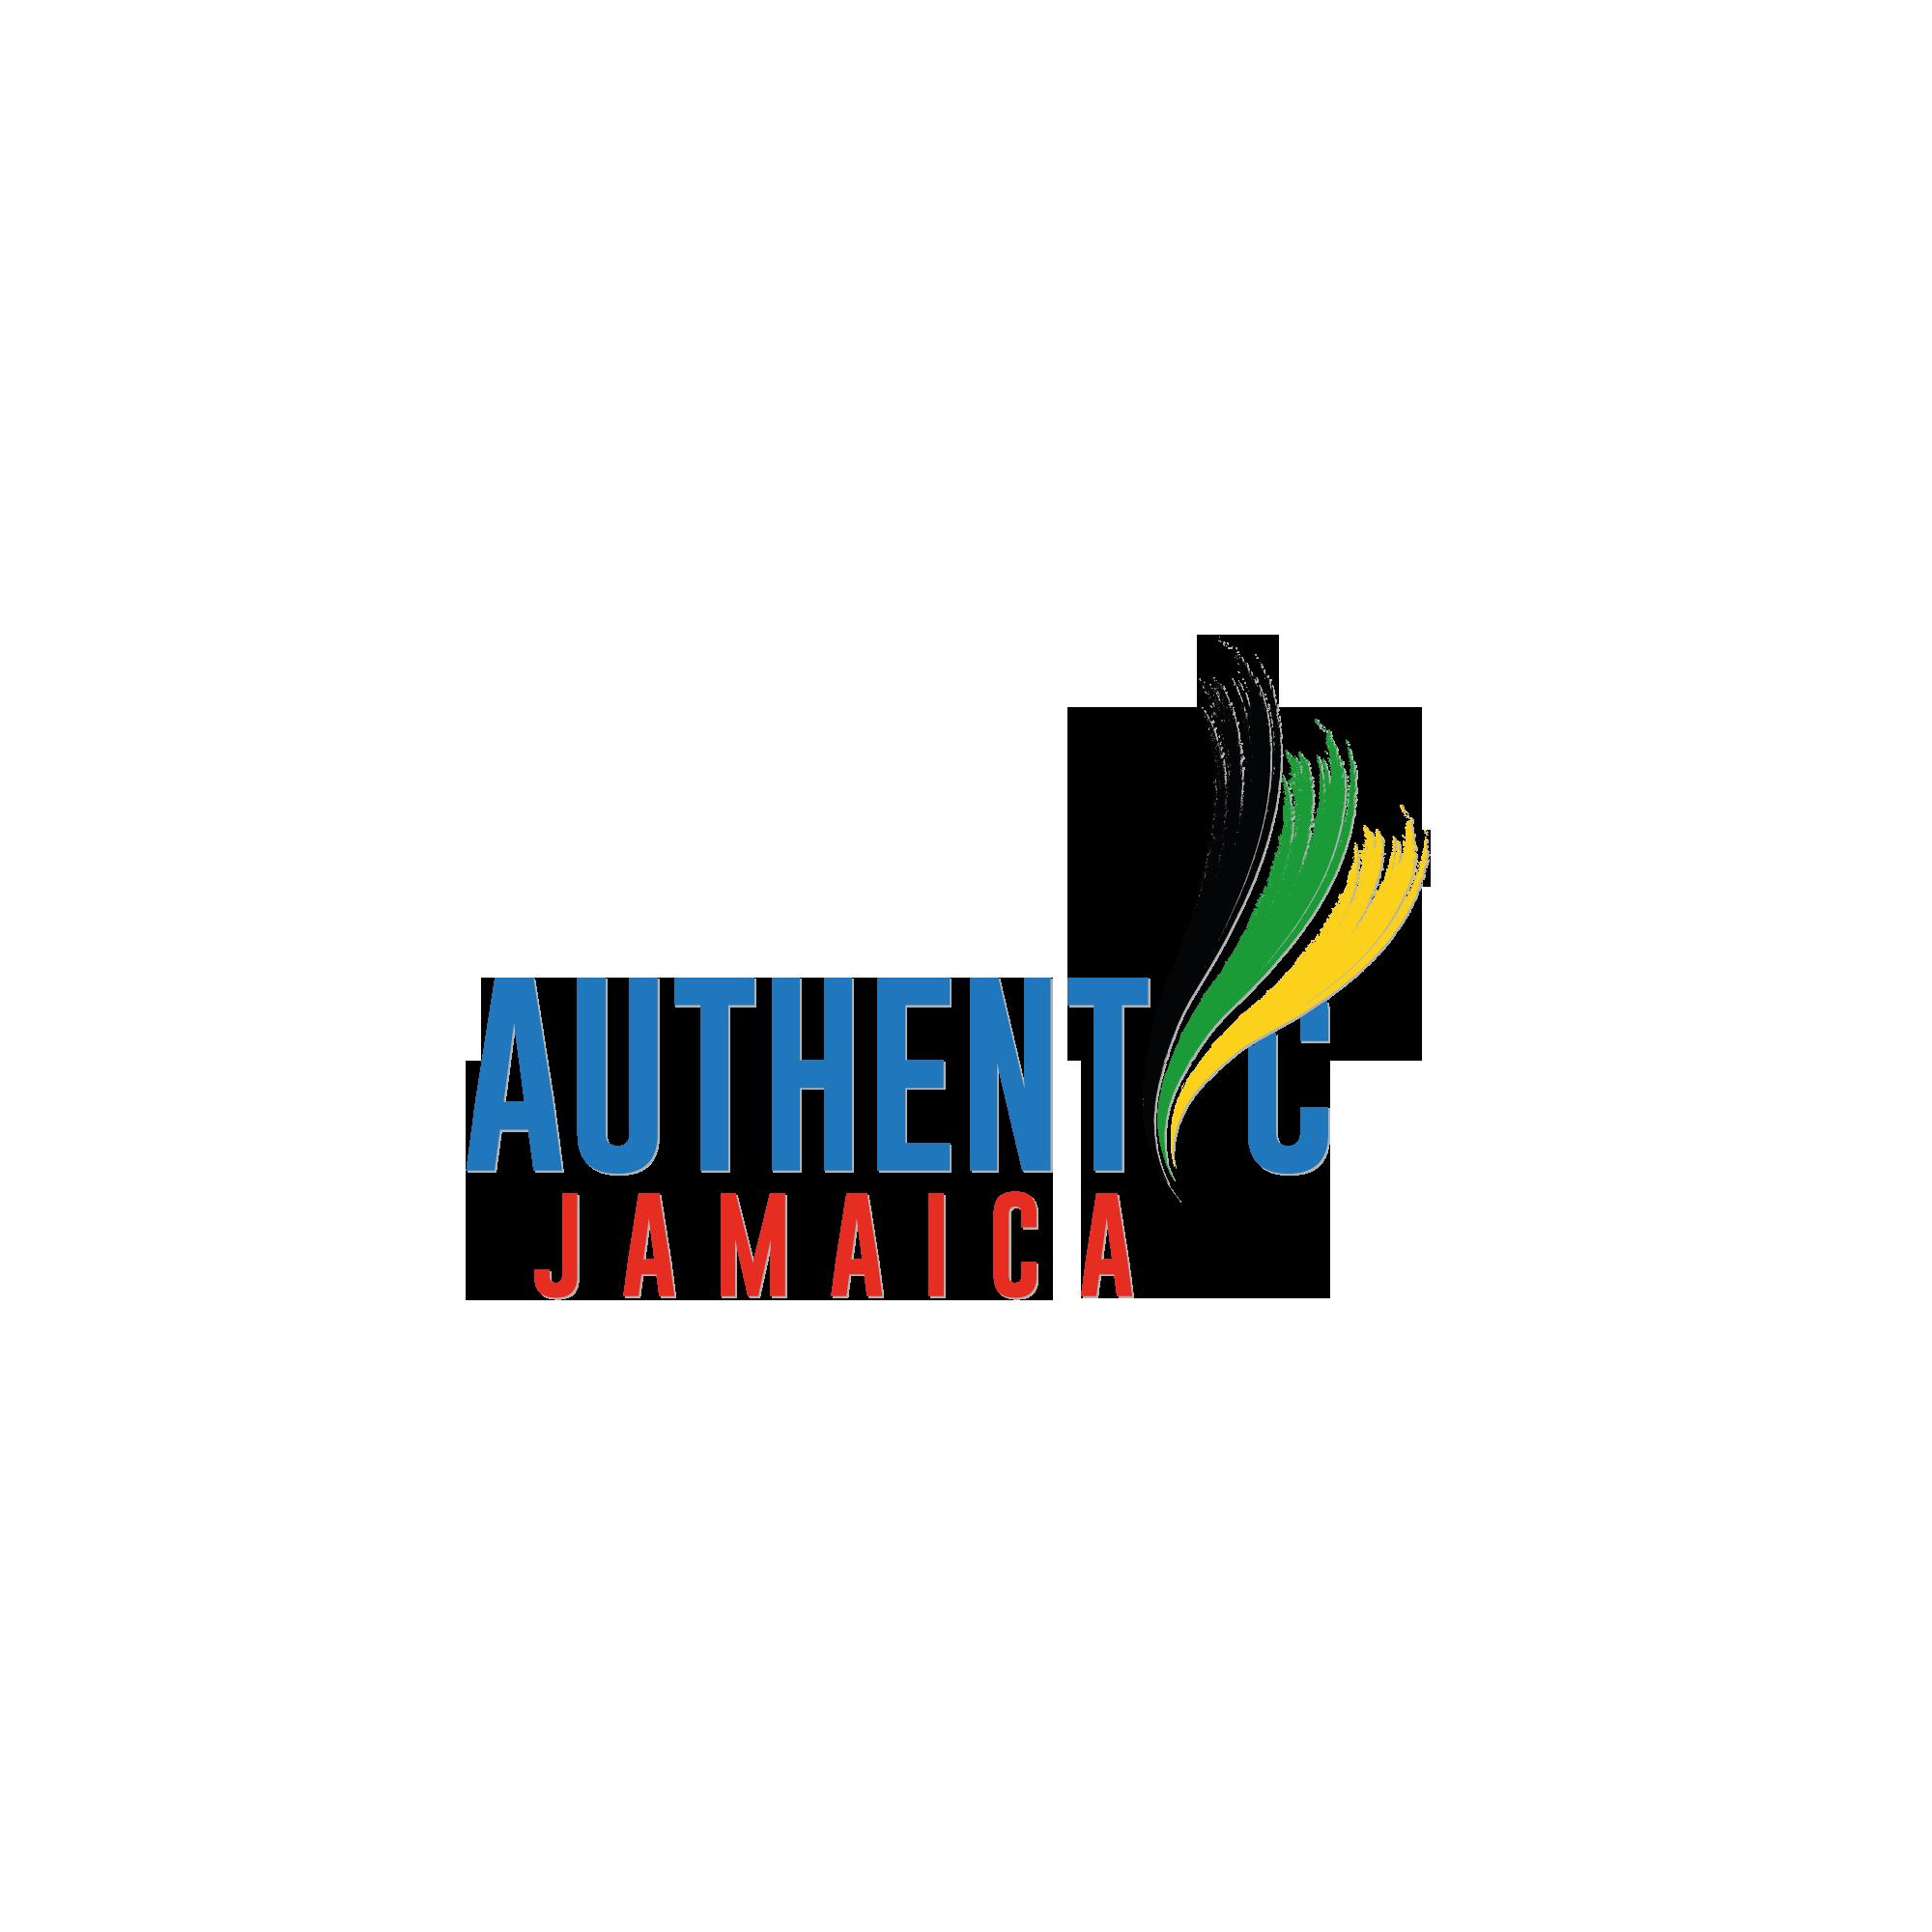 93900_Authentic_Jamaica_logo_01